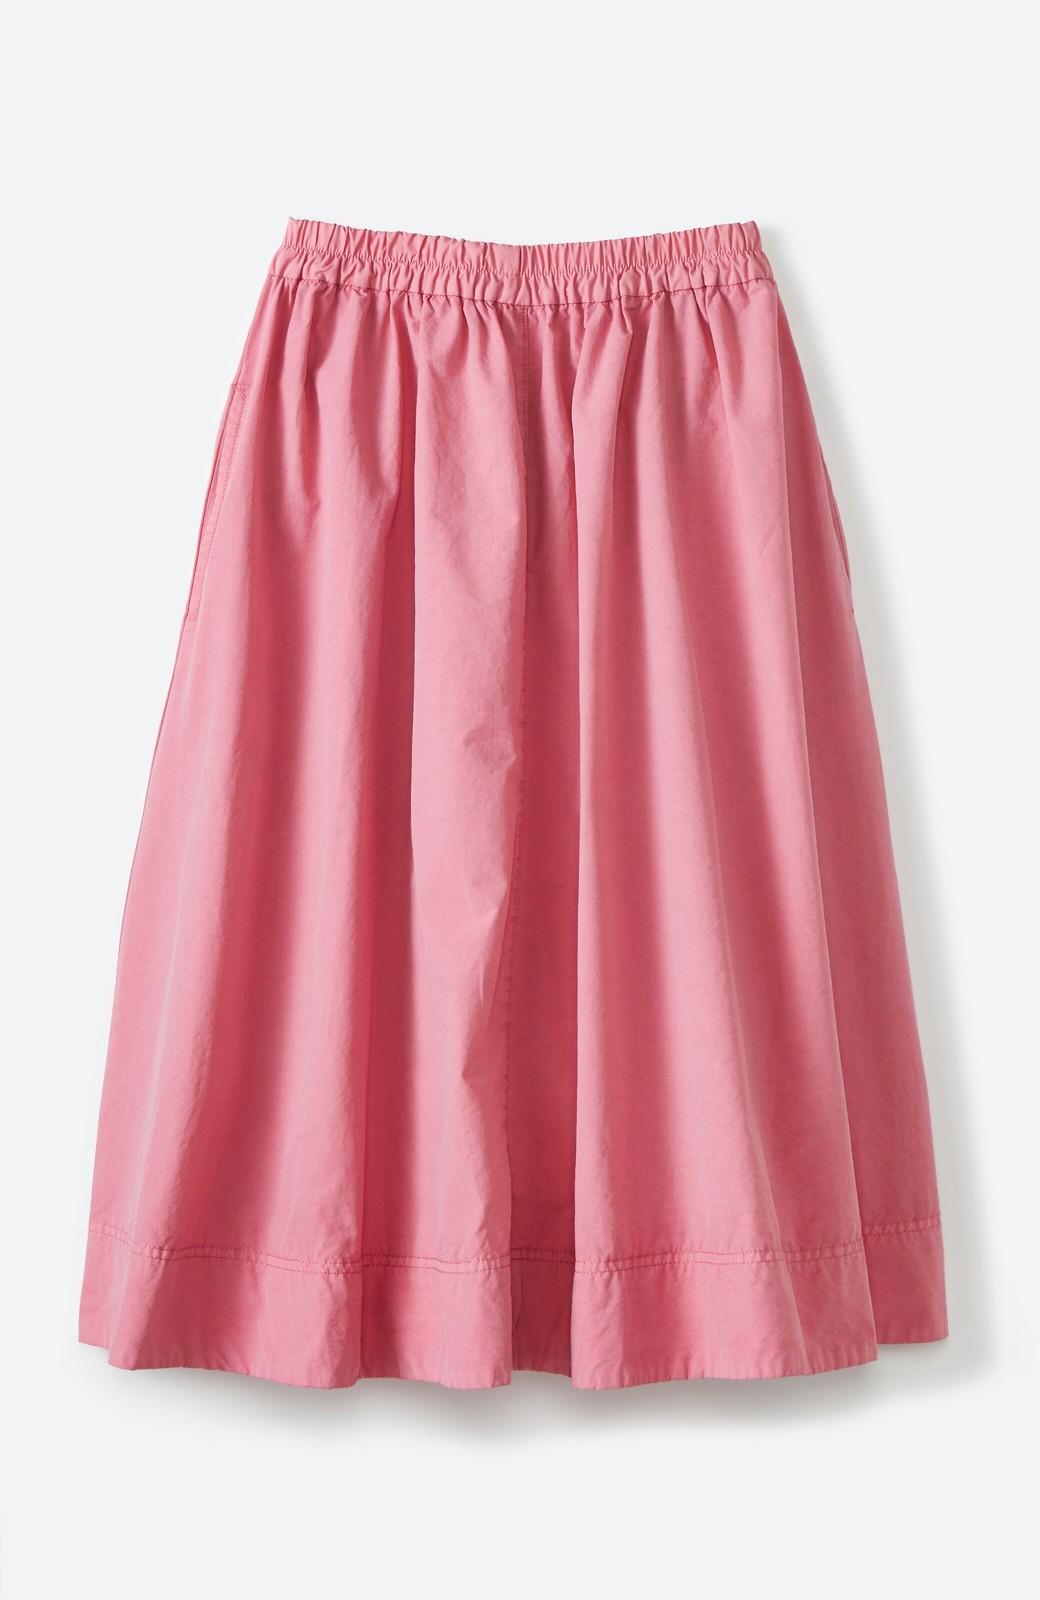 haco! 花や野菜を使って染めた 楽ちんキレイなフレアースカート <ピンク>の商品写真1